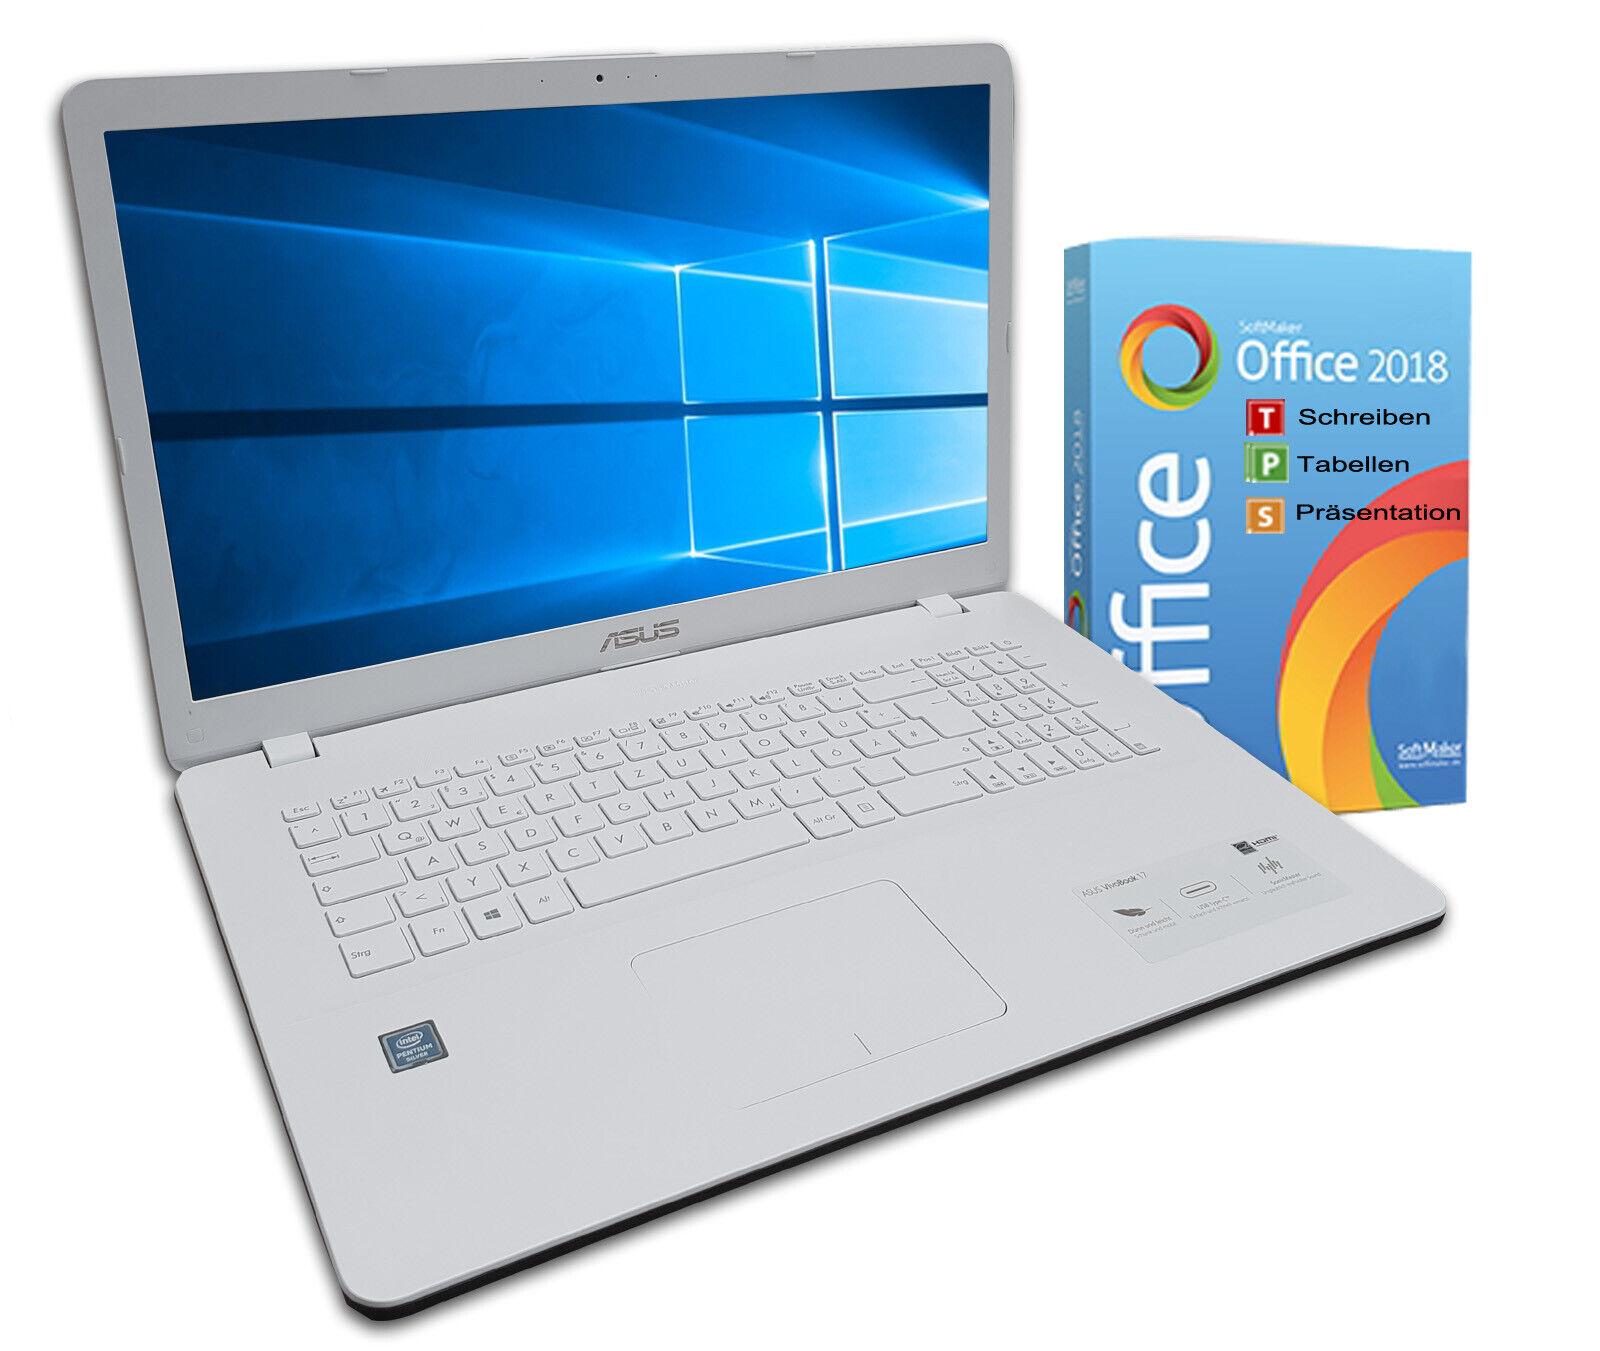 Asus F705m Notebook 17 Zoll Hd+ Quad Core 4 X 2,7ghz 4gb 500gb Win10 Weiß Office